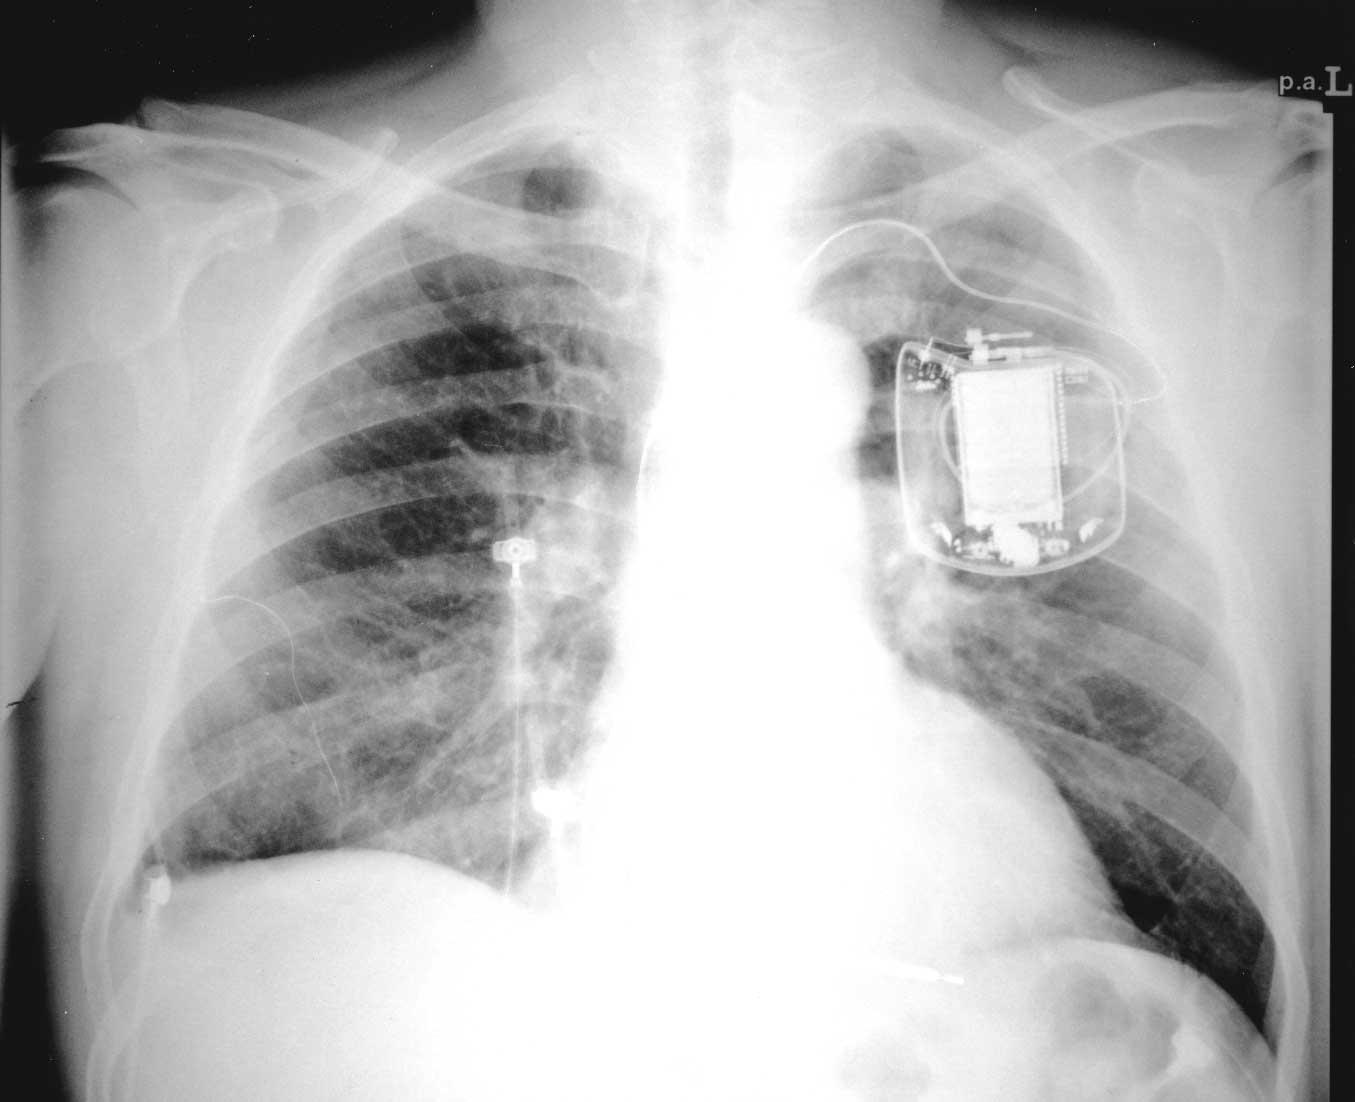 Имплантируемые устройства для лечения тахиаритмий